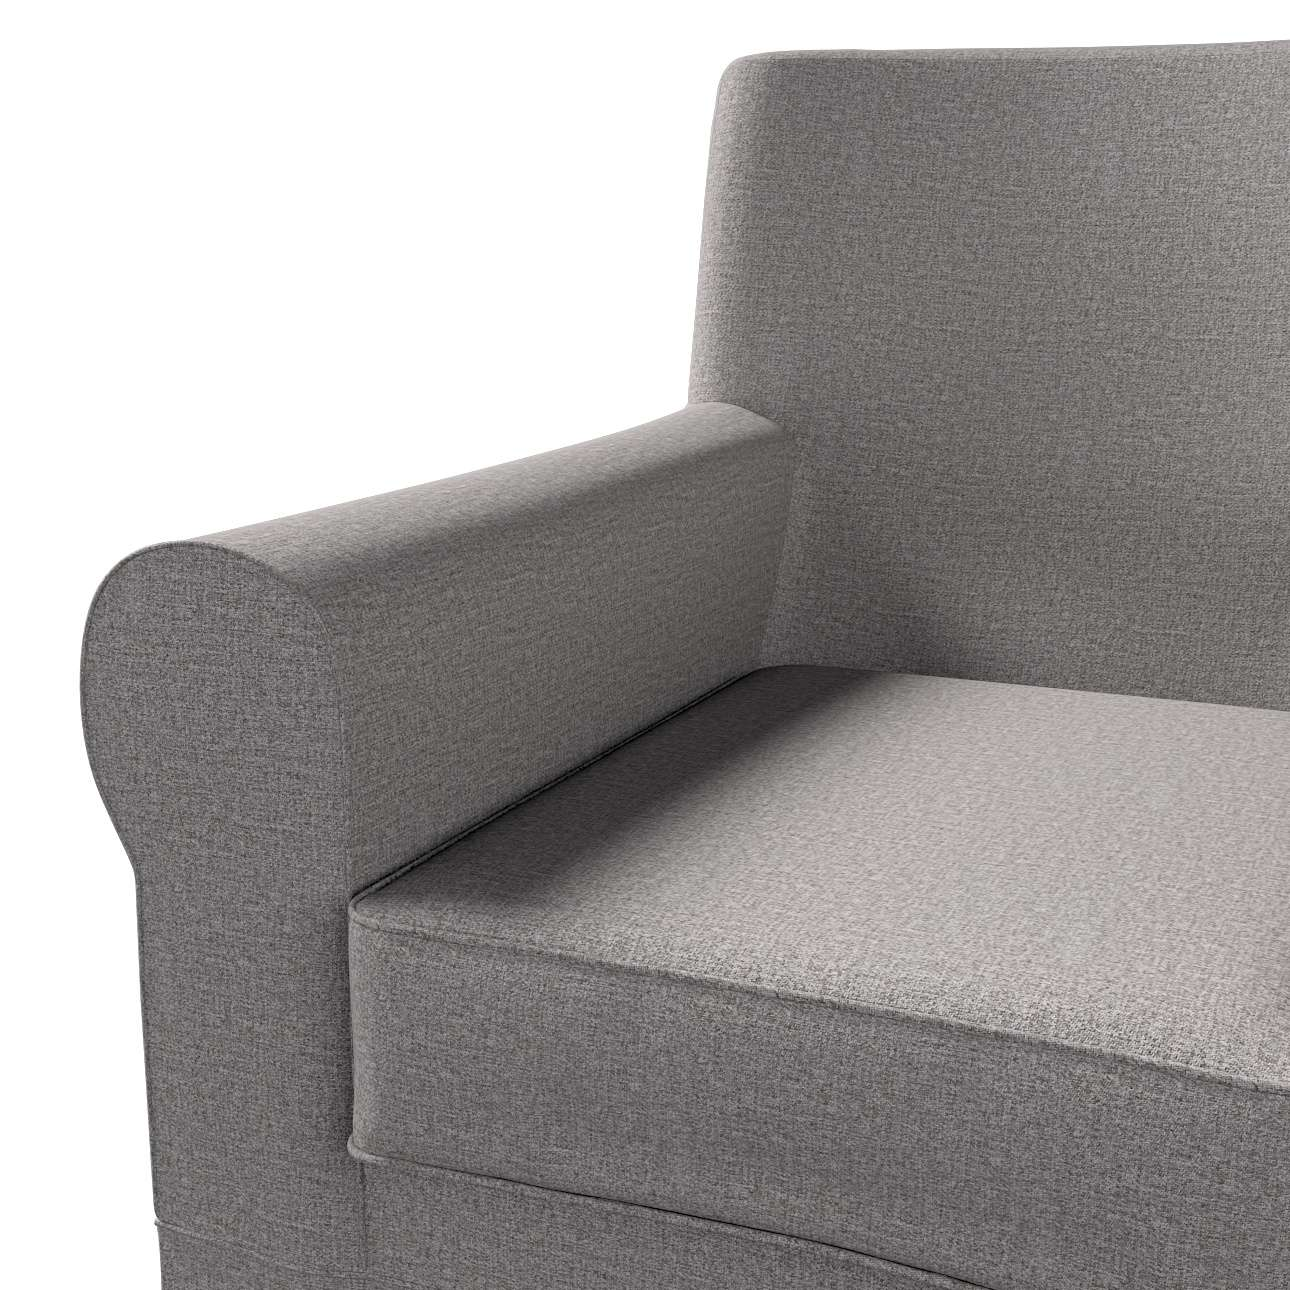 Pokrowiec na fotel Ektorp Jennylund w kolekcji Edinburgh, tkanina: 115-81